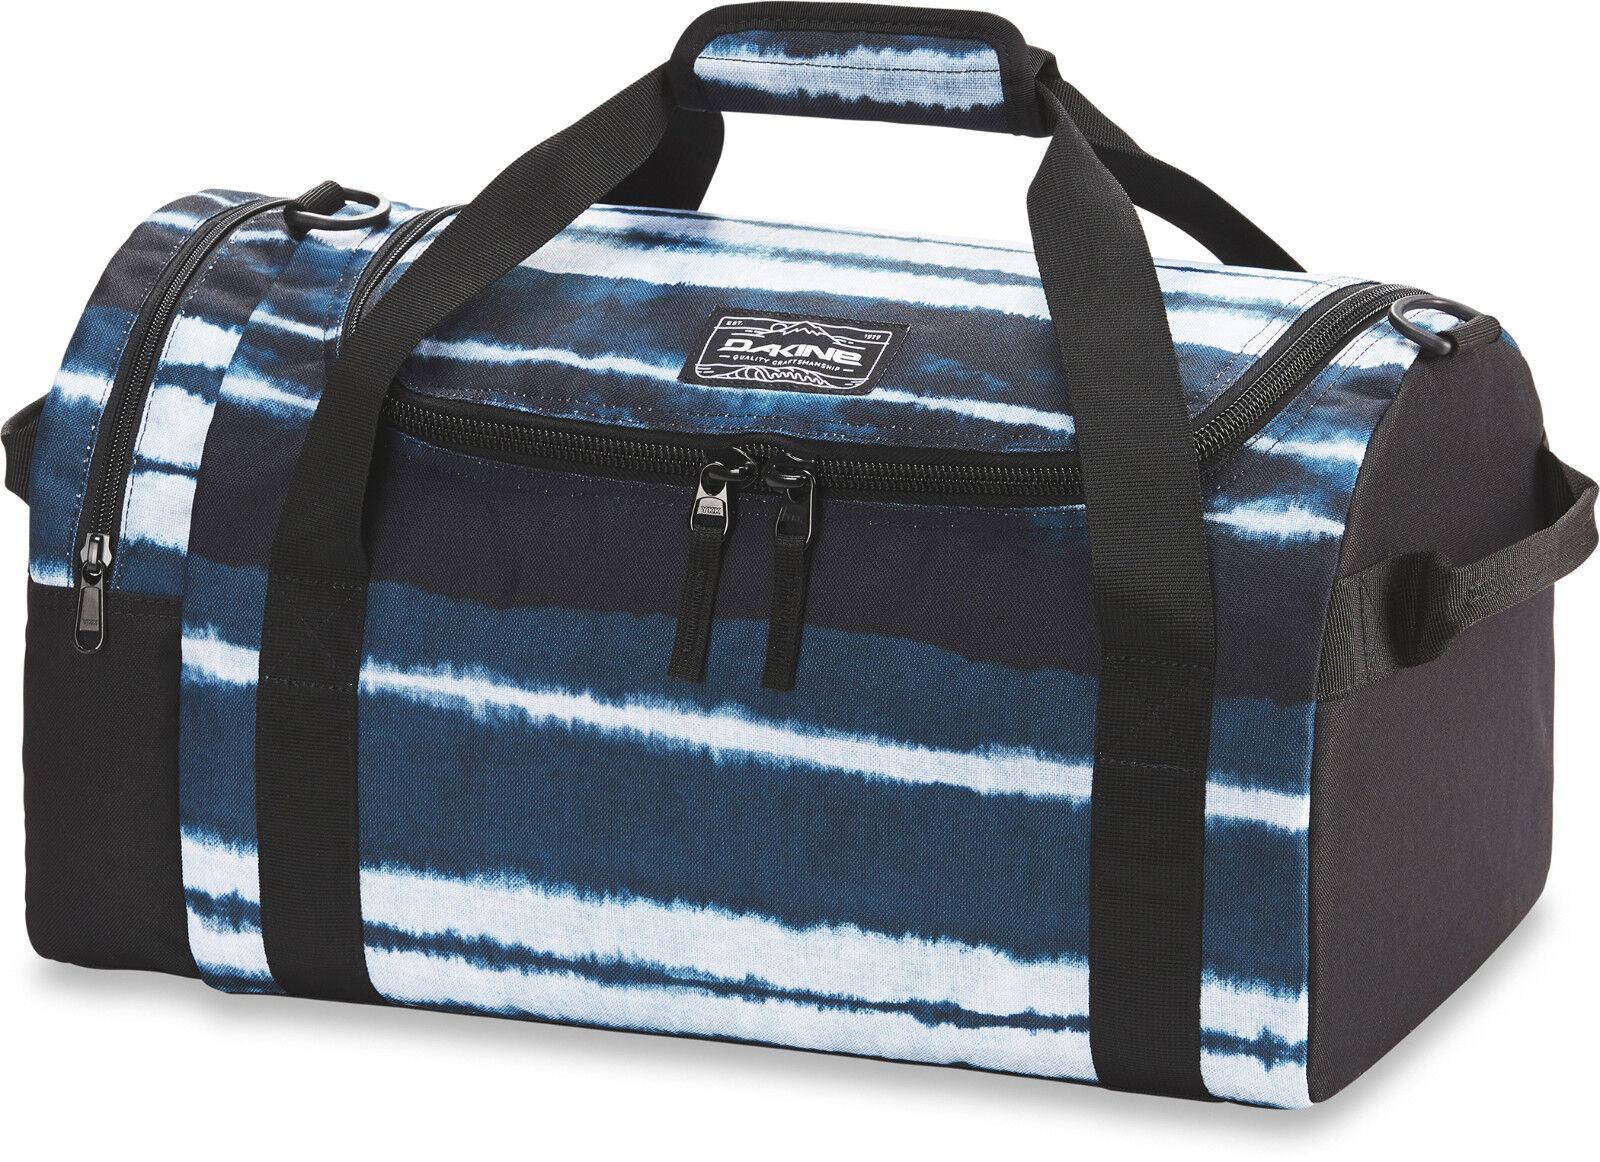 DAKINE EQ BAG  SMALL  Sporttasche  Reisetasche 31 Liter RESIN STRIPE Neu